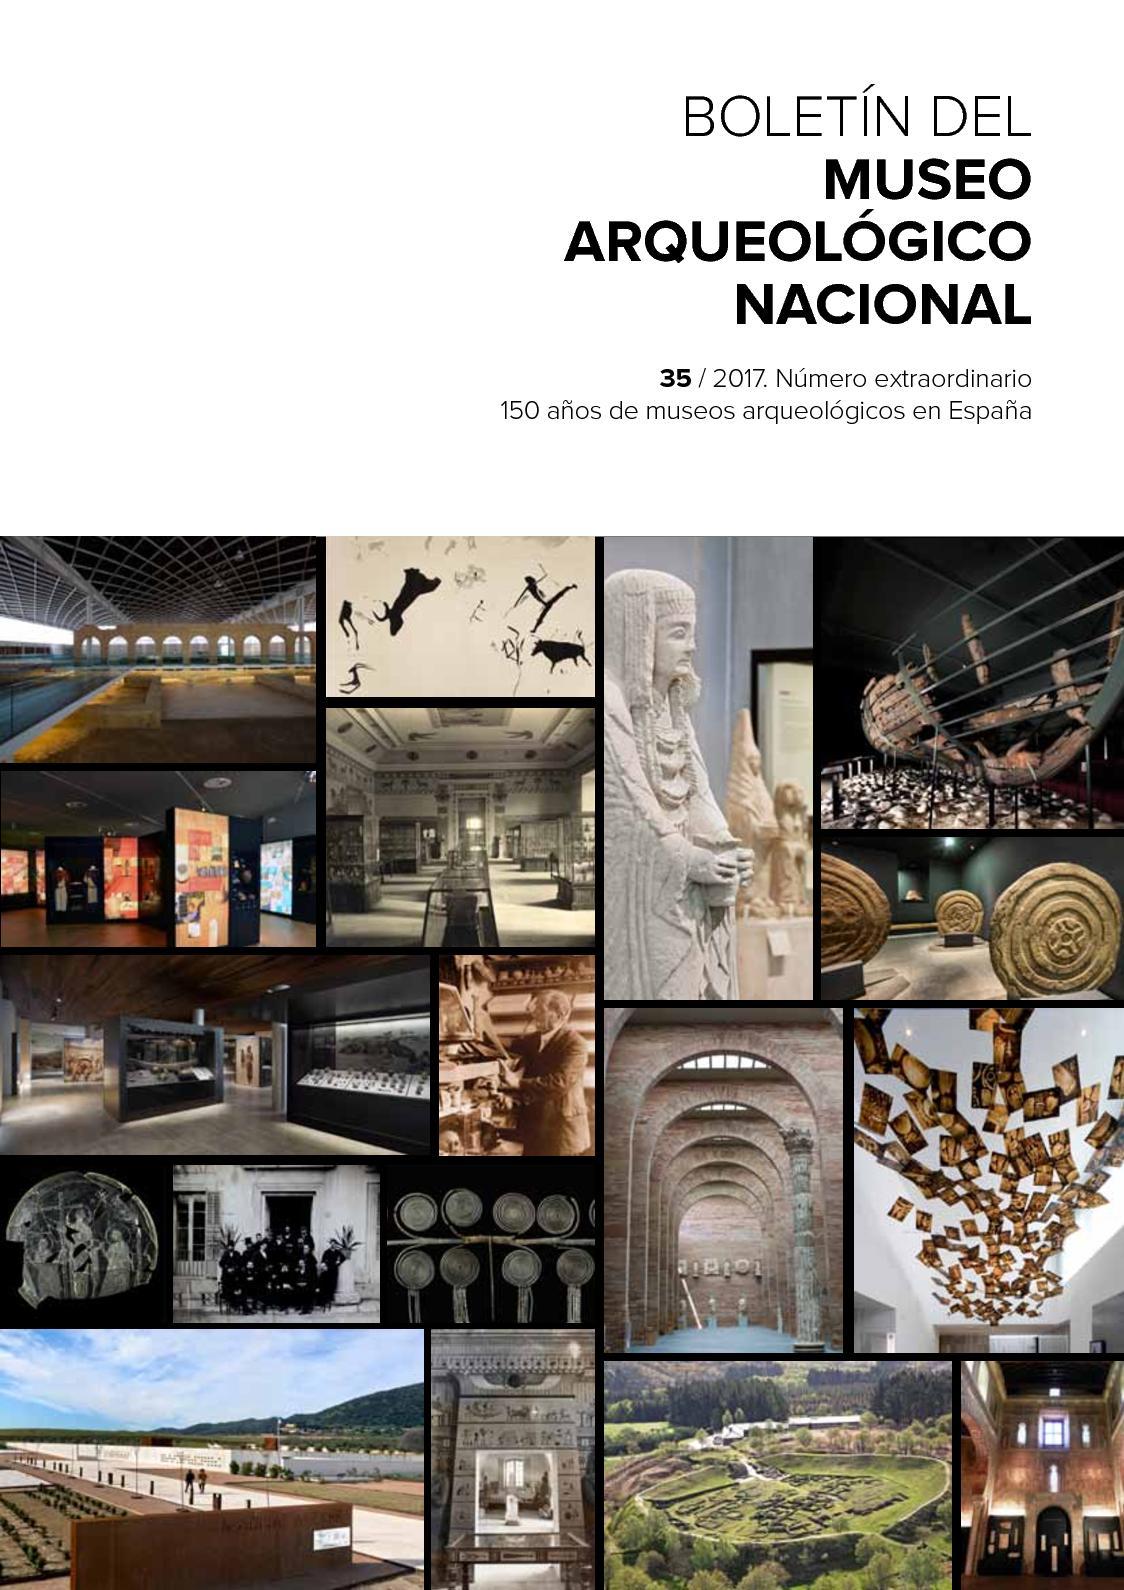 Calaméo - Boletín del Museo Arqueológico Nacional nº 35/2017